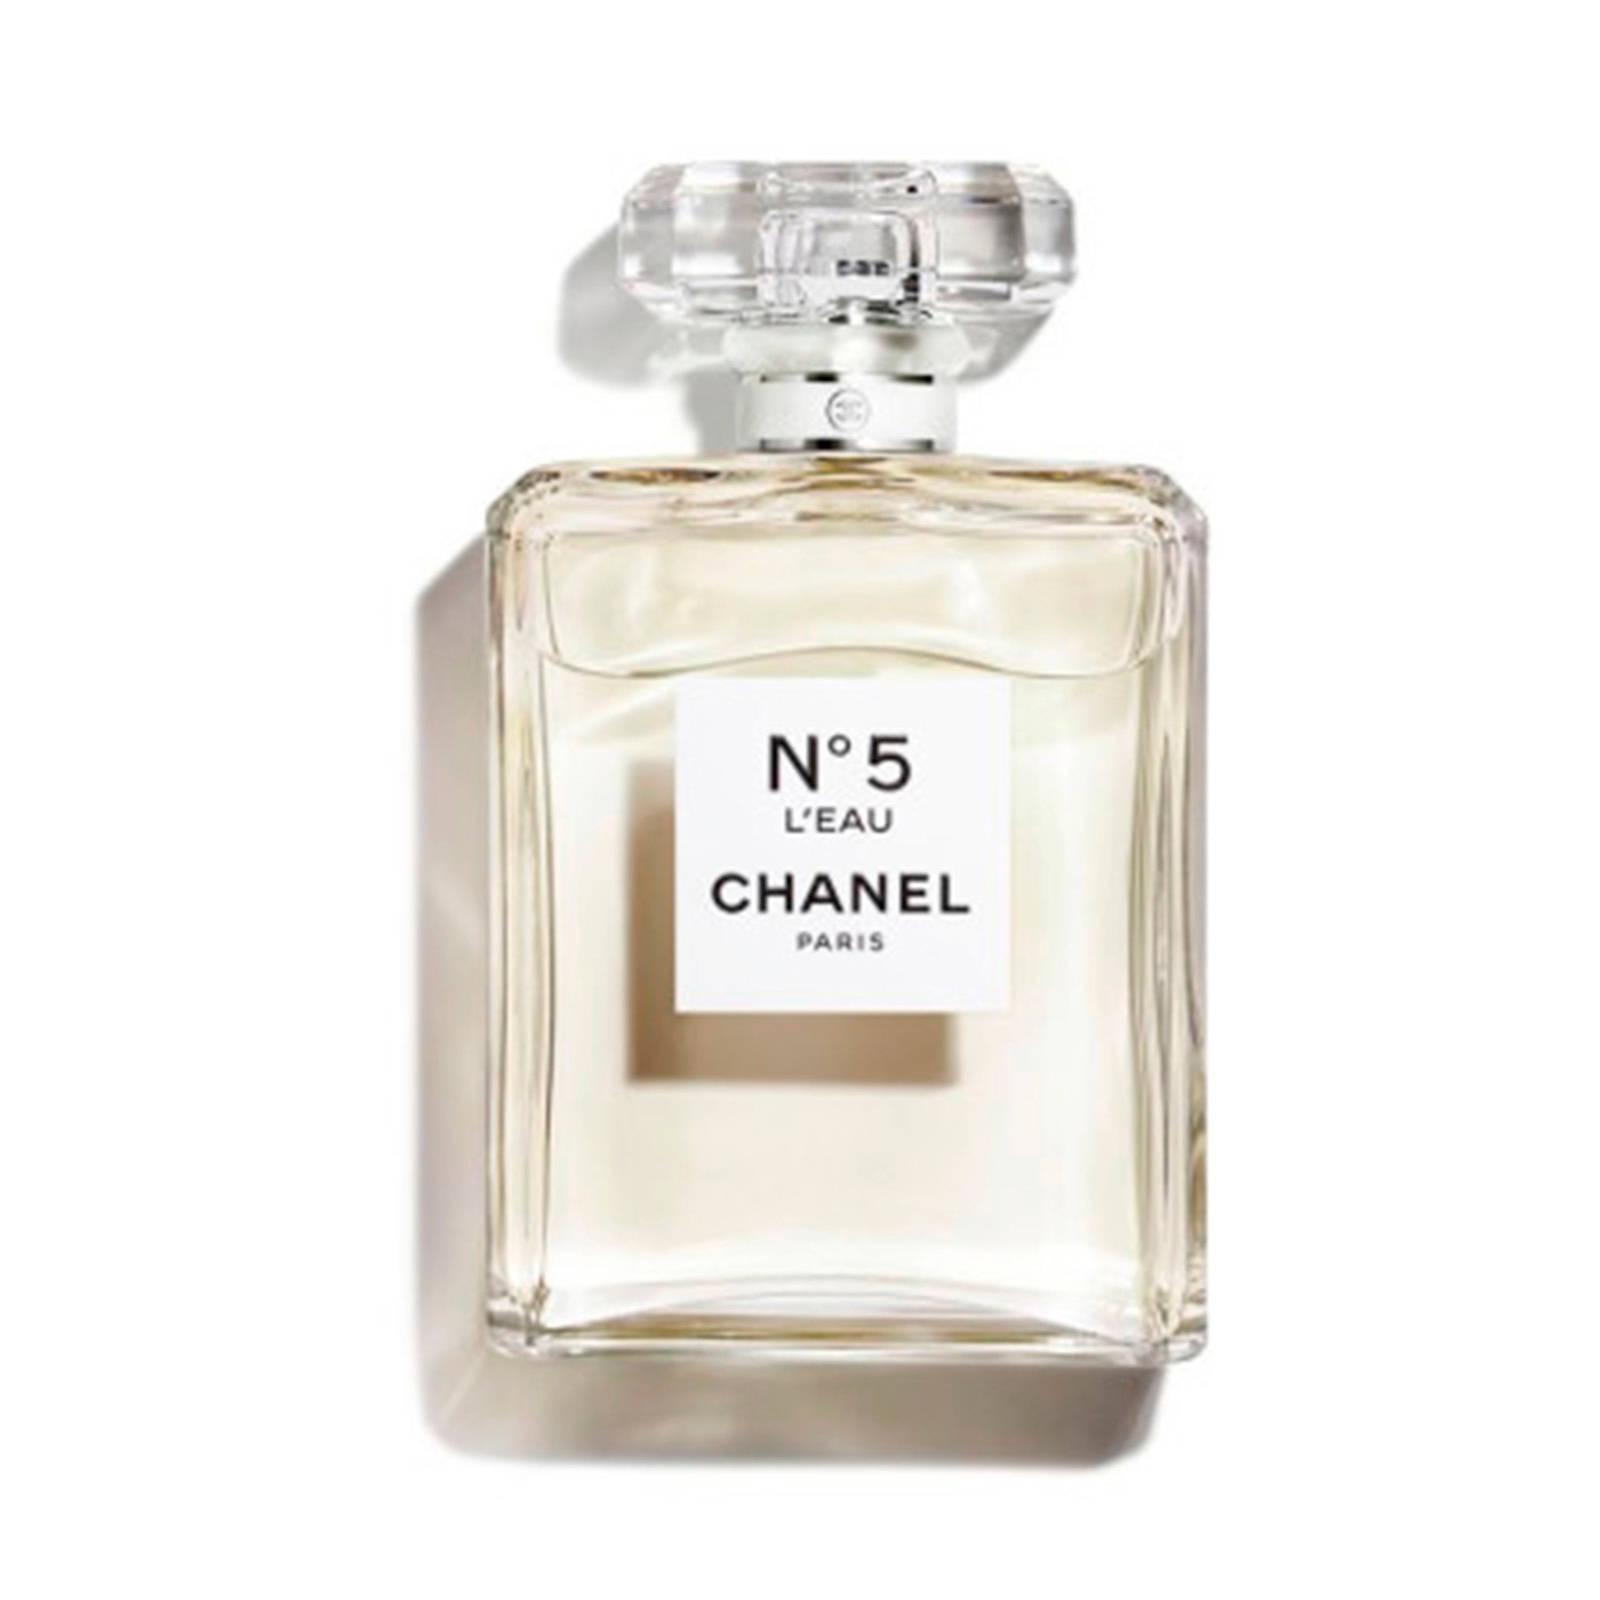 Chanel No 5 L'Eau eau de toilette -  100 ml